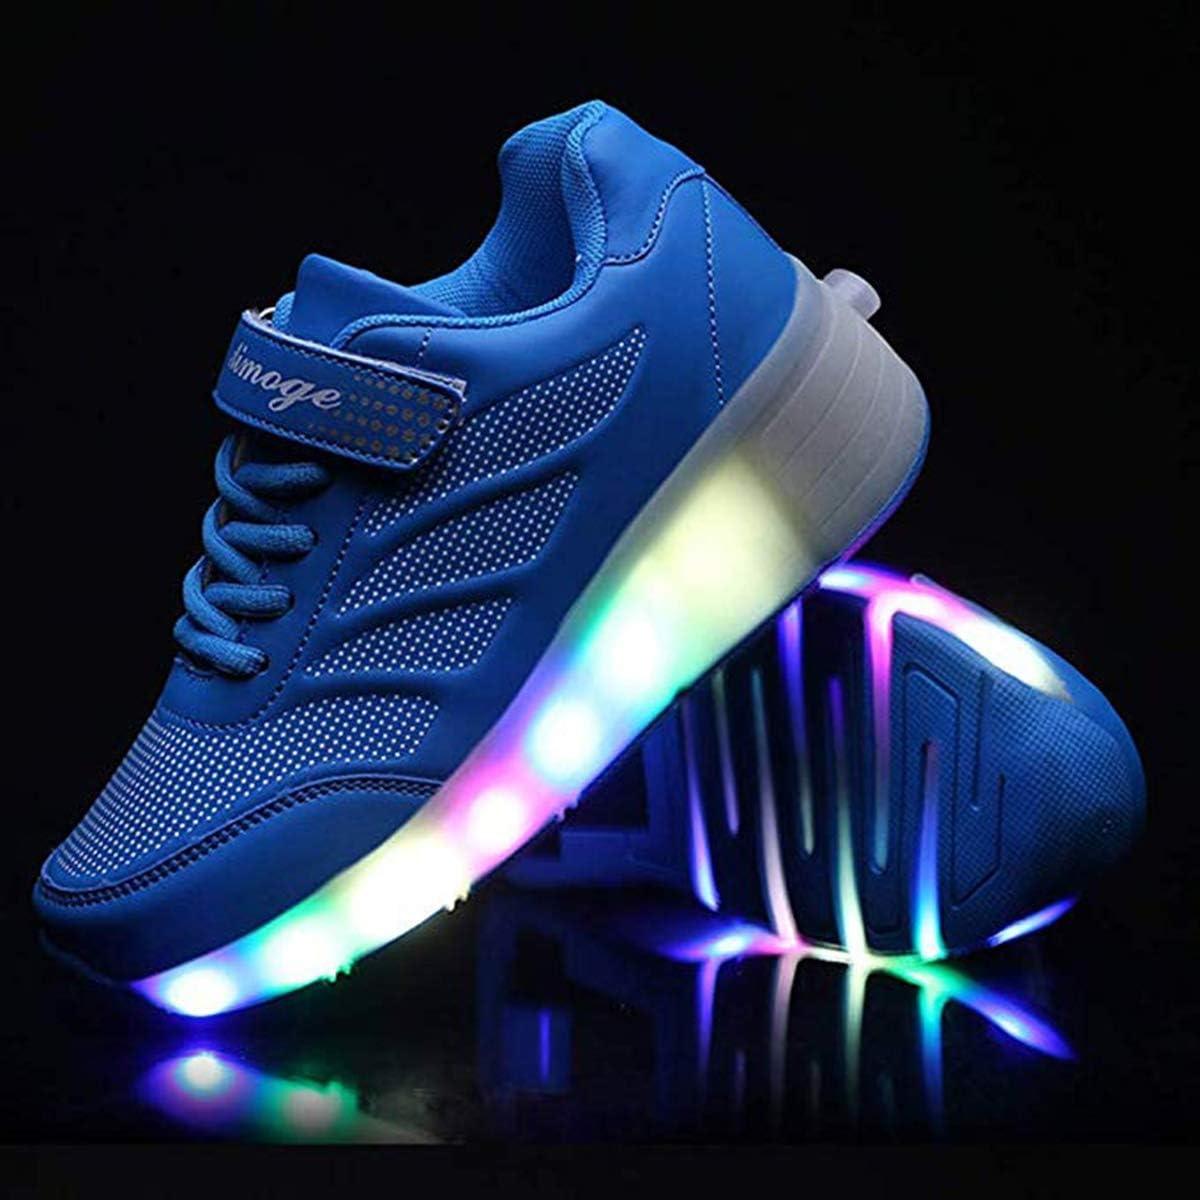 Les enfants LED chaussures avec bouton-poussoir roues chaussures de planche /à roulettes r/églable 1R/äder 2 roues chaussures de sport de gymnastique en plein air pour les jeunes filles,Black1,28